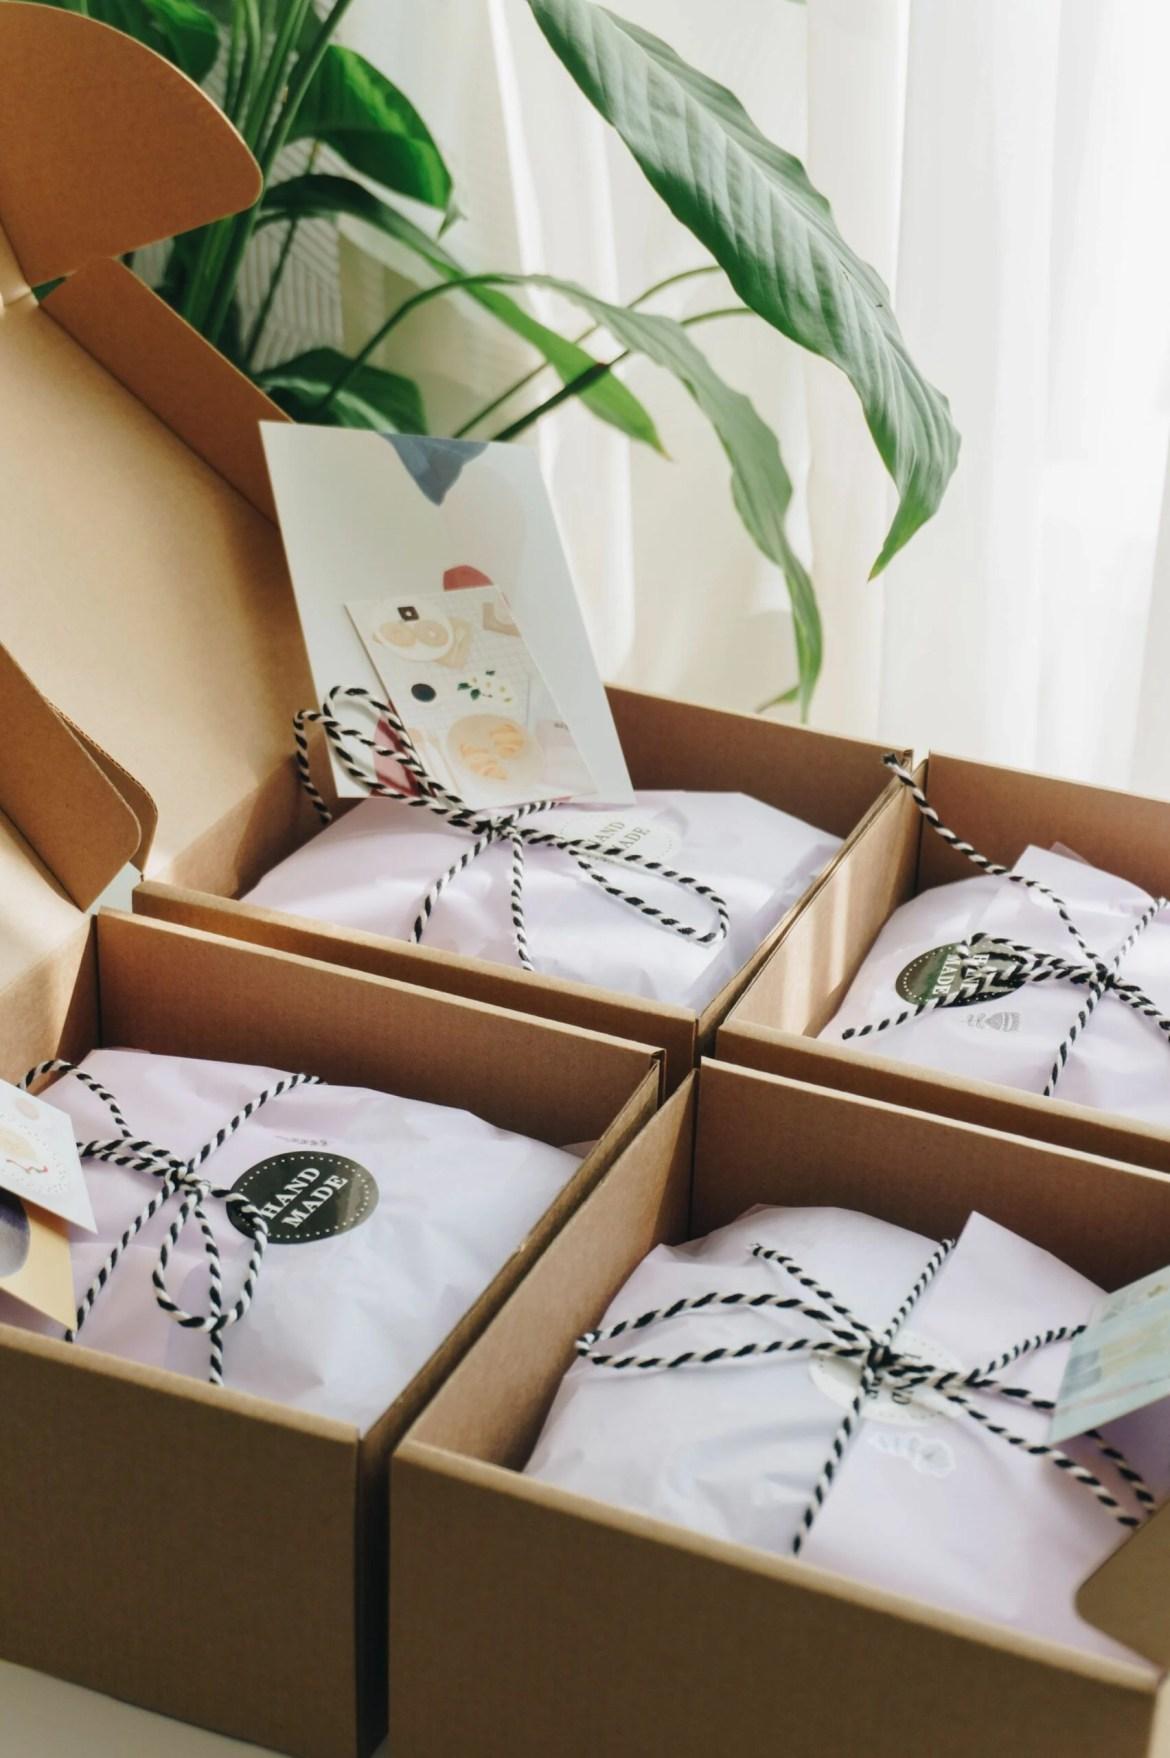 Dicas de decoração de embalagens - Use seda para embalar os pedidos.